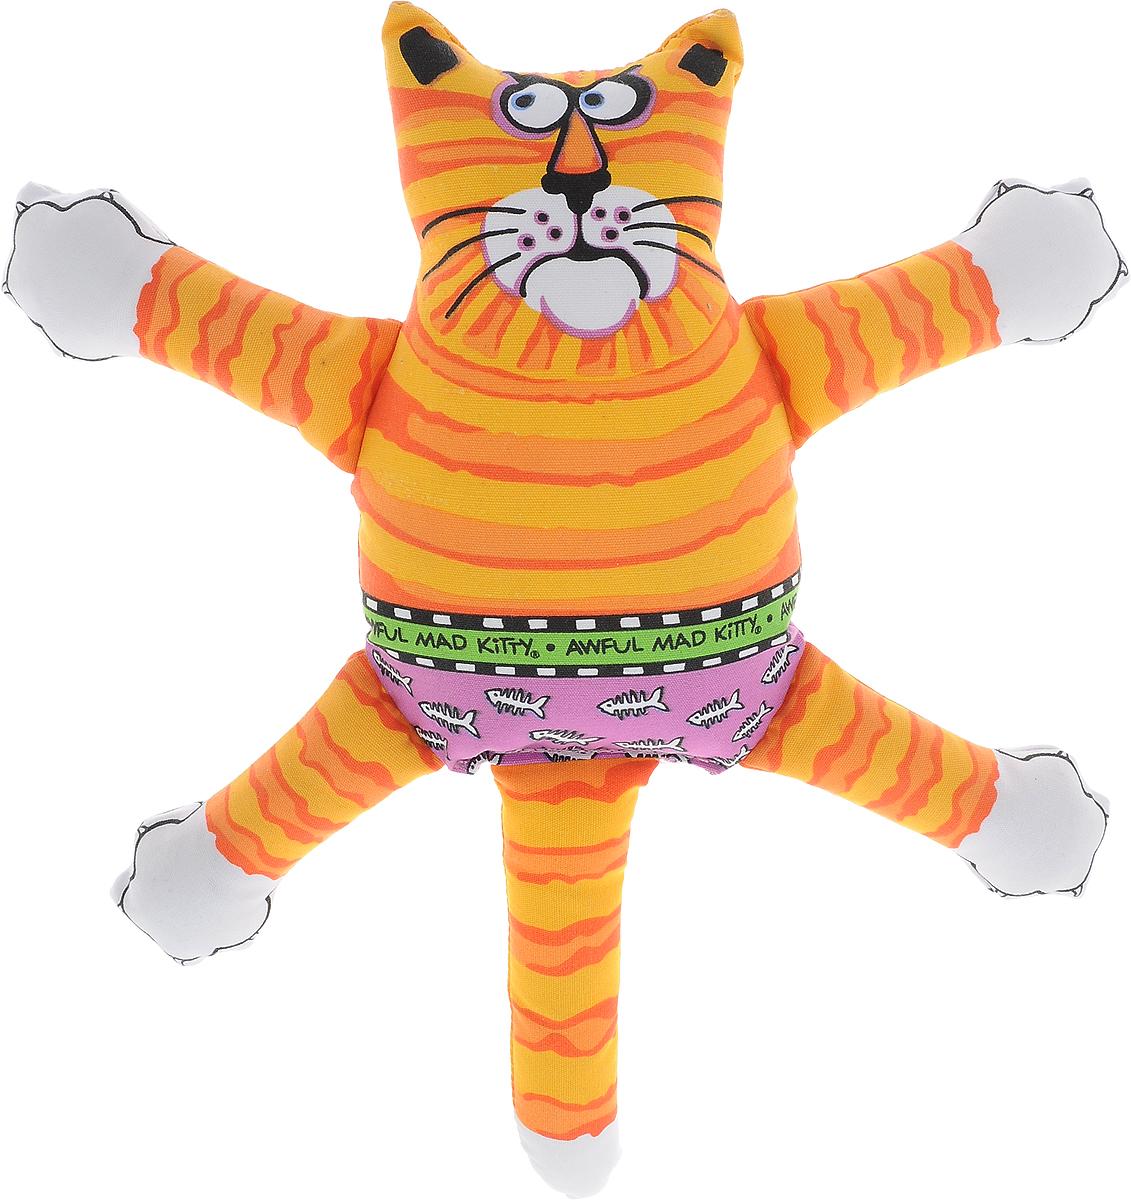 Игрушка для собак Fat Cat Кот-забияка, цвет: оранжевый. 194370120710Игрушка Fat Cat Кот-забияка - это мечта каждой собаки, которая хочет потрепать кота и получить от этого удовольствие. Кот, в свою очередь, это не просто яркая игрушка с нахальной мордой, это забияка, который подразнит вашего любимца и даст сдачи во время игры, при тряске он машет лапами и шлепает ими собаку по голове. Внутри игрушки пищалка, срабатывающая при нажатии.Забавное времяпрепровождение вашему другу просто обеспечено!